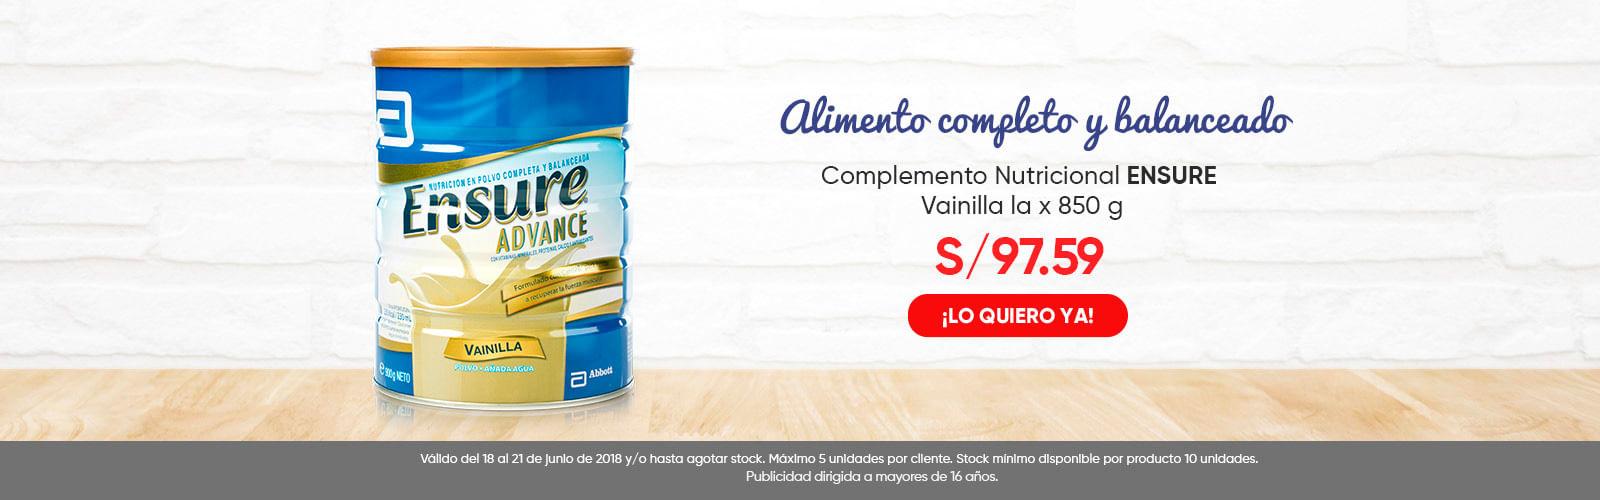 Complemento Nutricional ENSURE